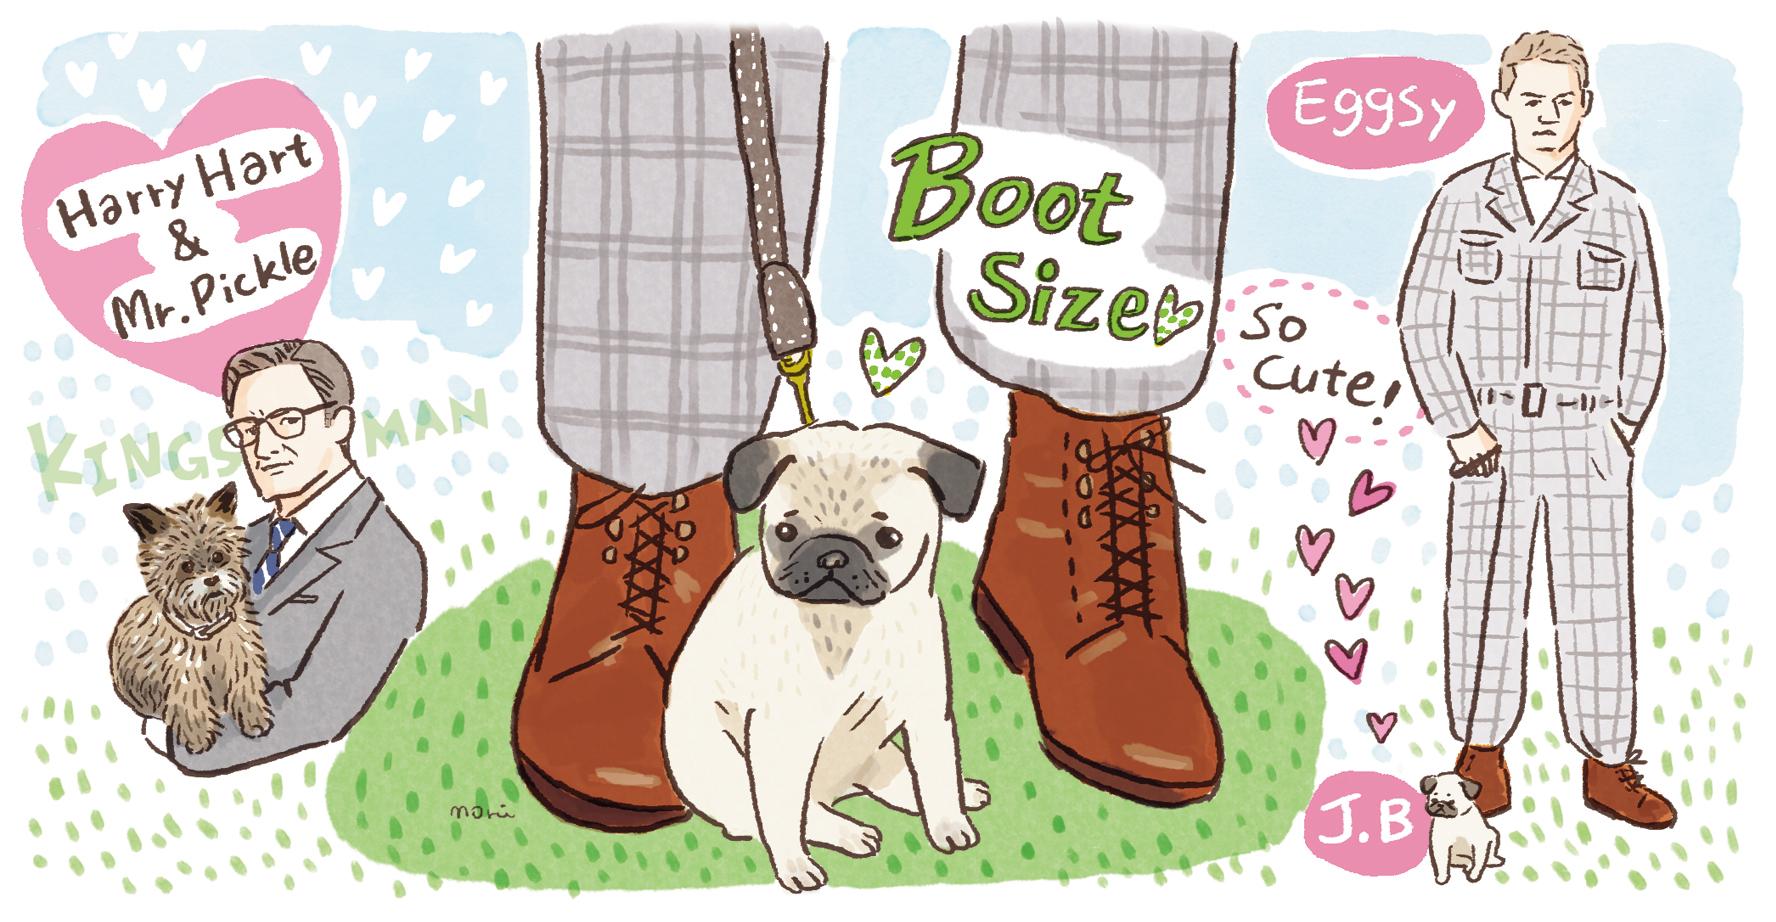 ブーツサイズのJ.Bは、愛らしくて出てくるたびにほのぼのした気持ちに。ハリーの愛犬ミスターピックルはつぶらな瞳がキュート!